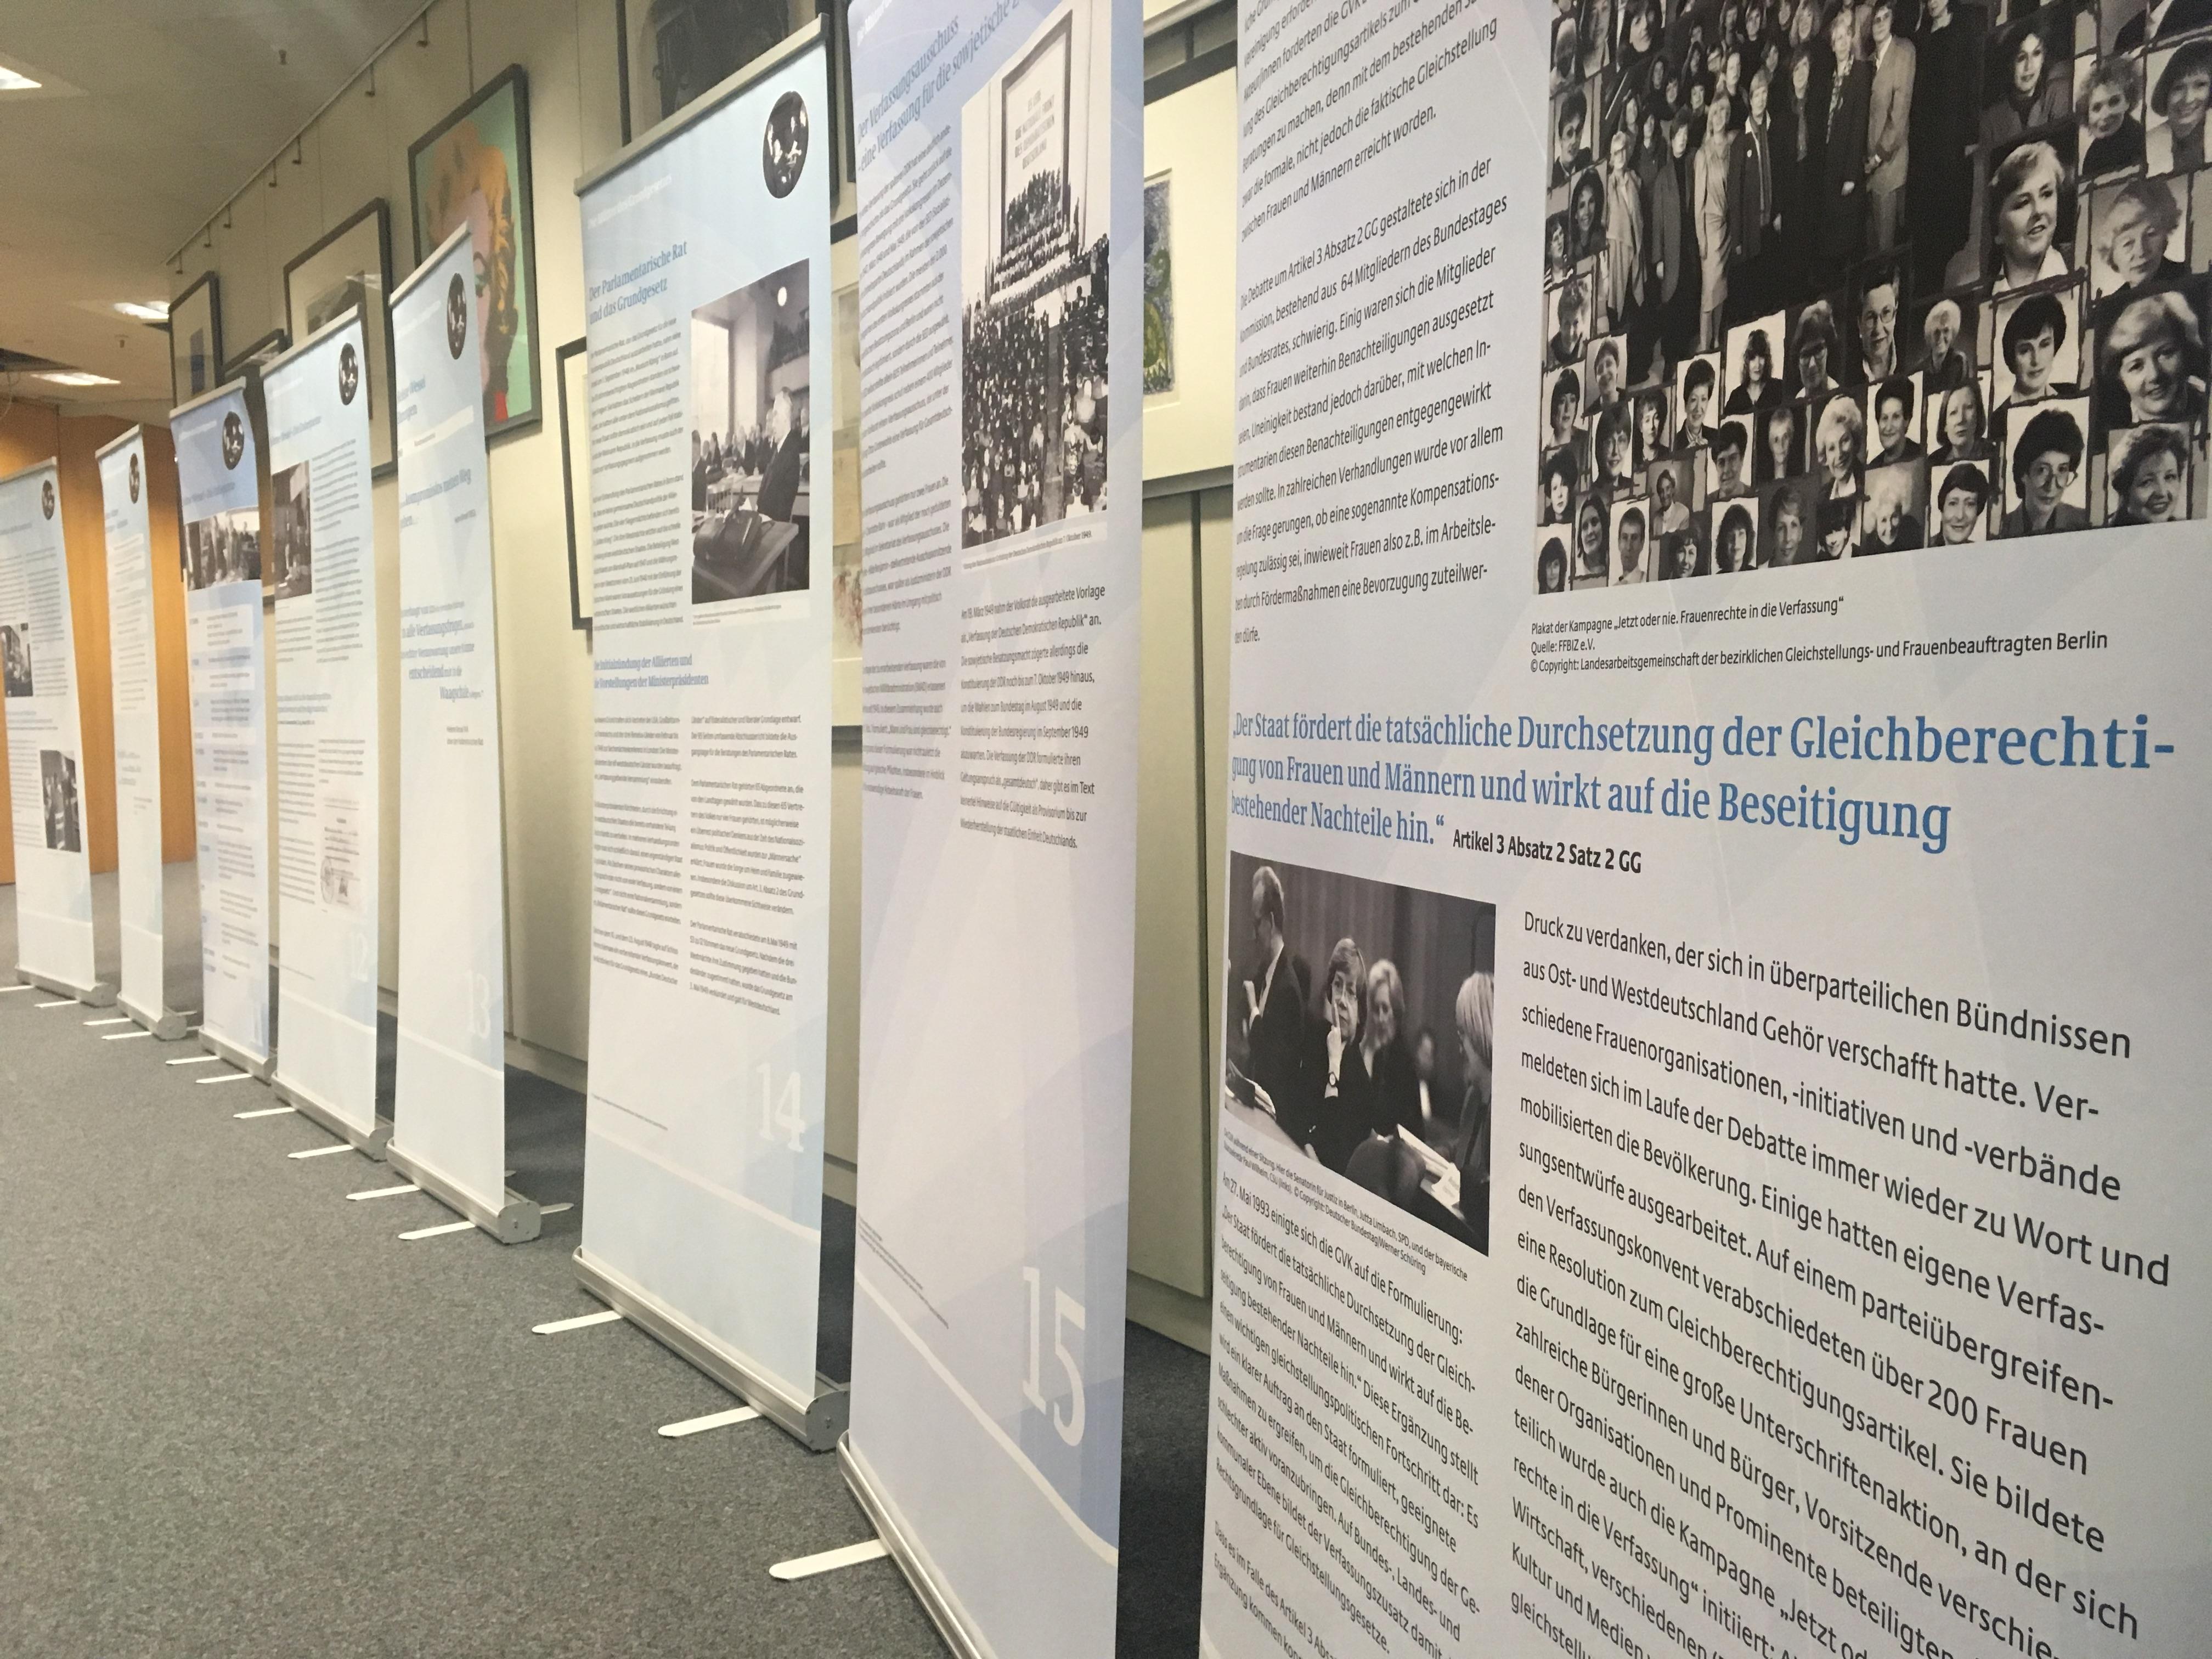 Eine Reihe von Text- und Bildtafeln auf sogenannten Rollbannern, nebeneinander aufgestellt, um sich in der Unendlichkeit des Verwaltungstraktes der Universität zu verlieren. (Foto: Dietmar Strey)